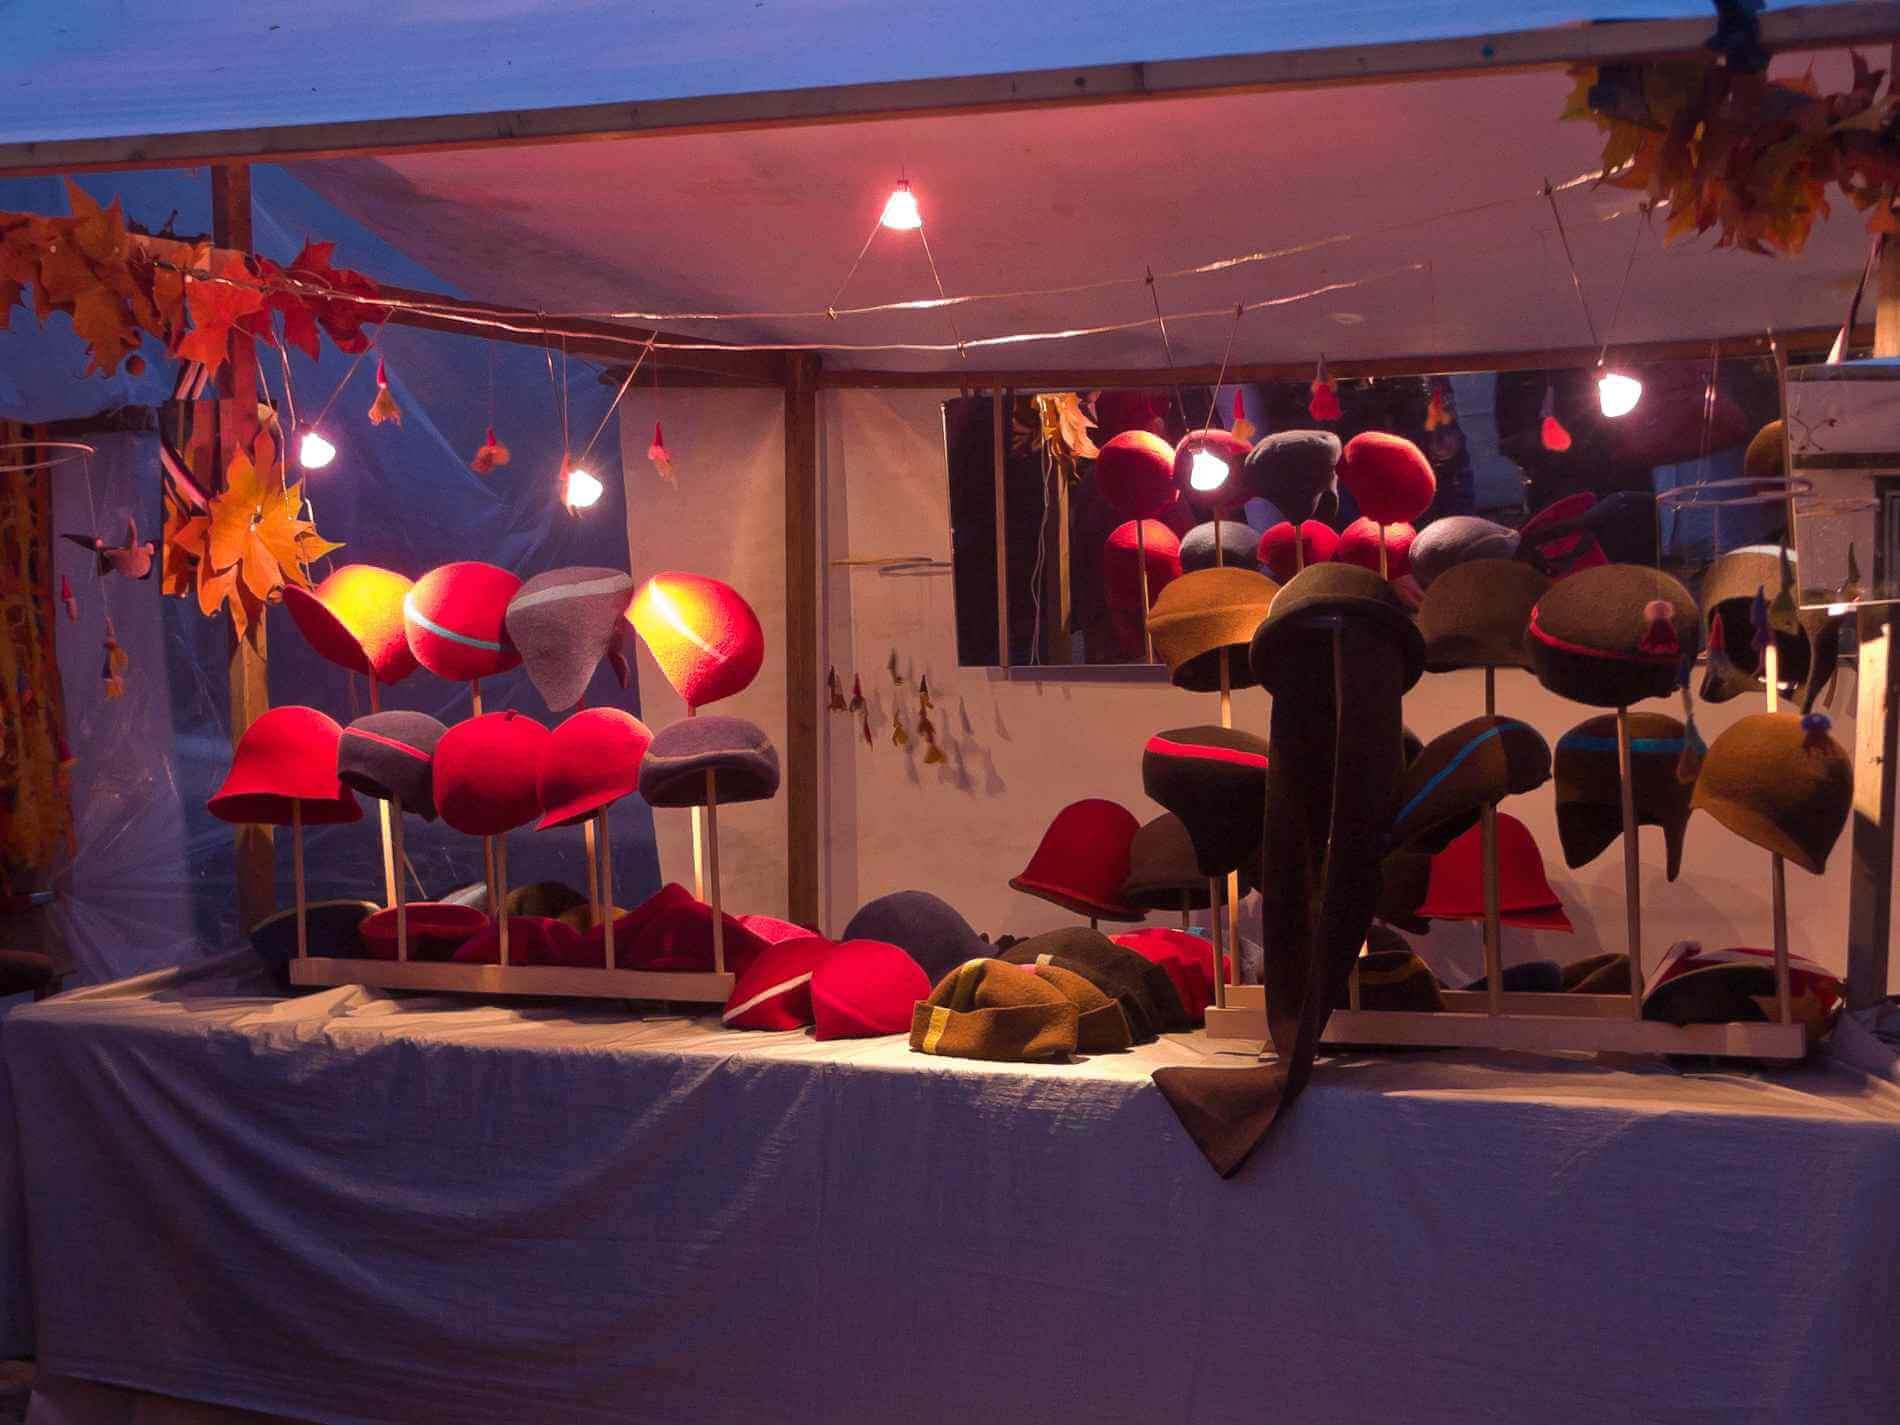 textilhandwerksmarkt auf der dom ne dahlem stadtrandnachrichten. Black Bedroom Furniture Sets. Home Design Ideas